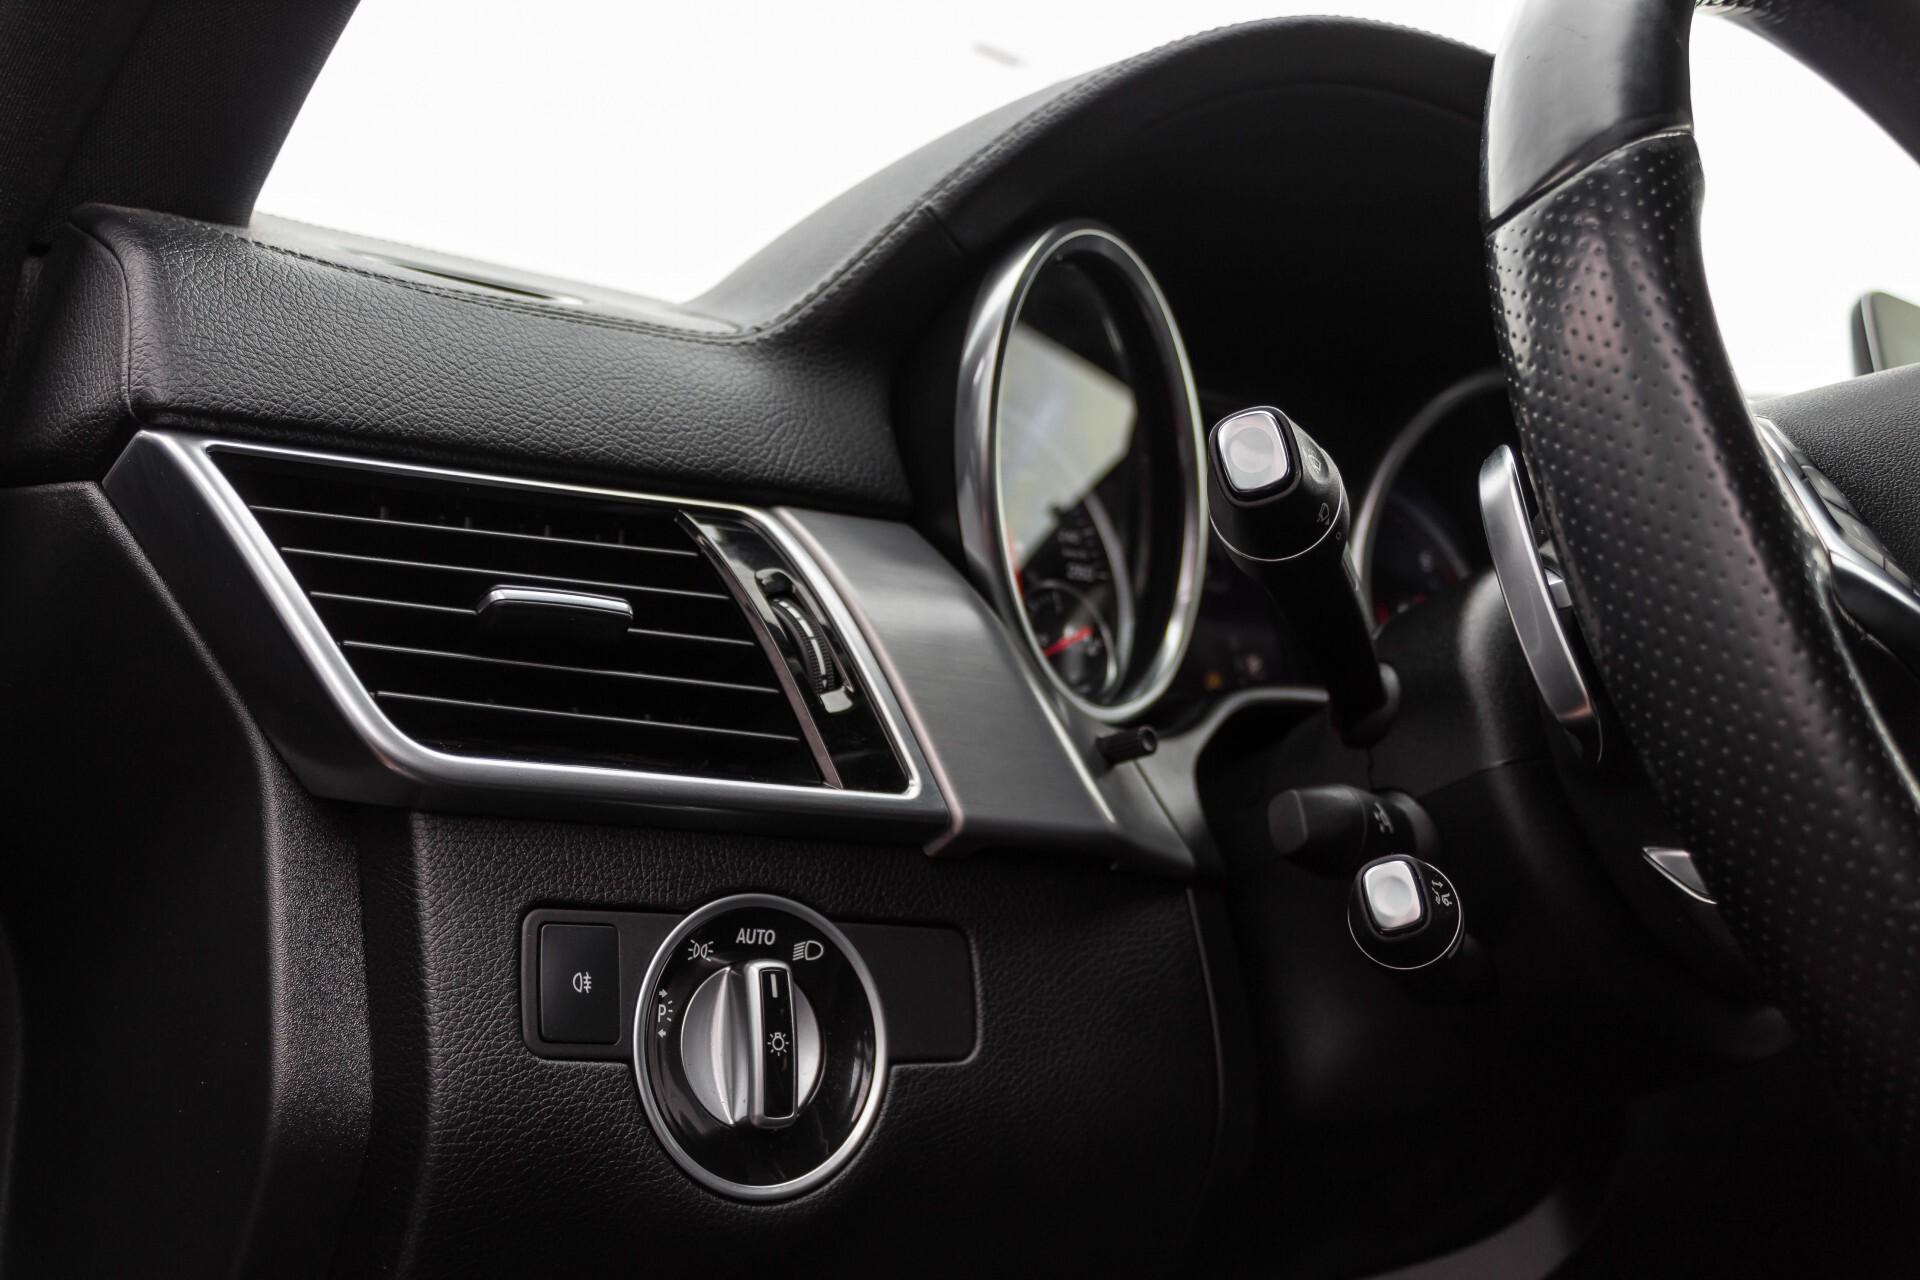 Mercedes-Benz GLE Coupé 350 d 4-M AMG Luchtvering/Distronic/Panorama/Mem/Trekhaak Aut9 Foto 47